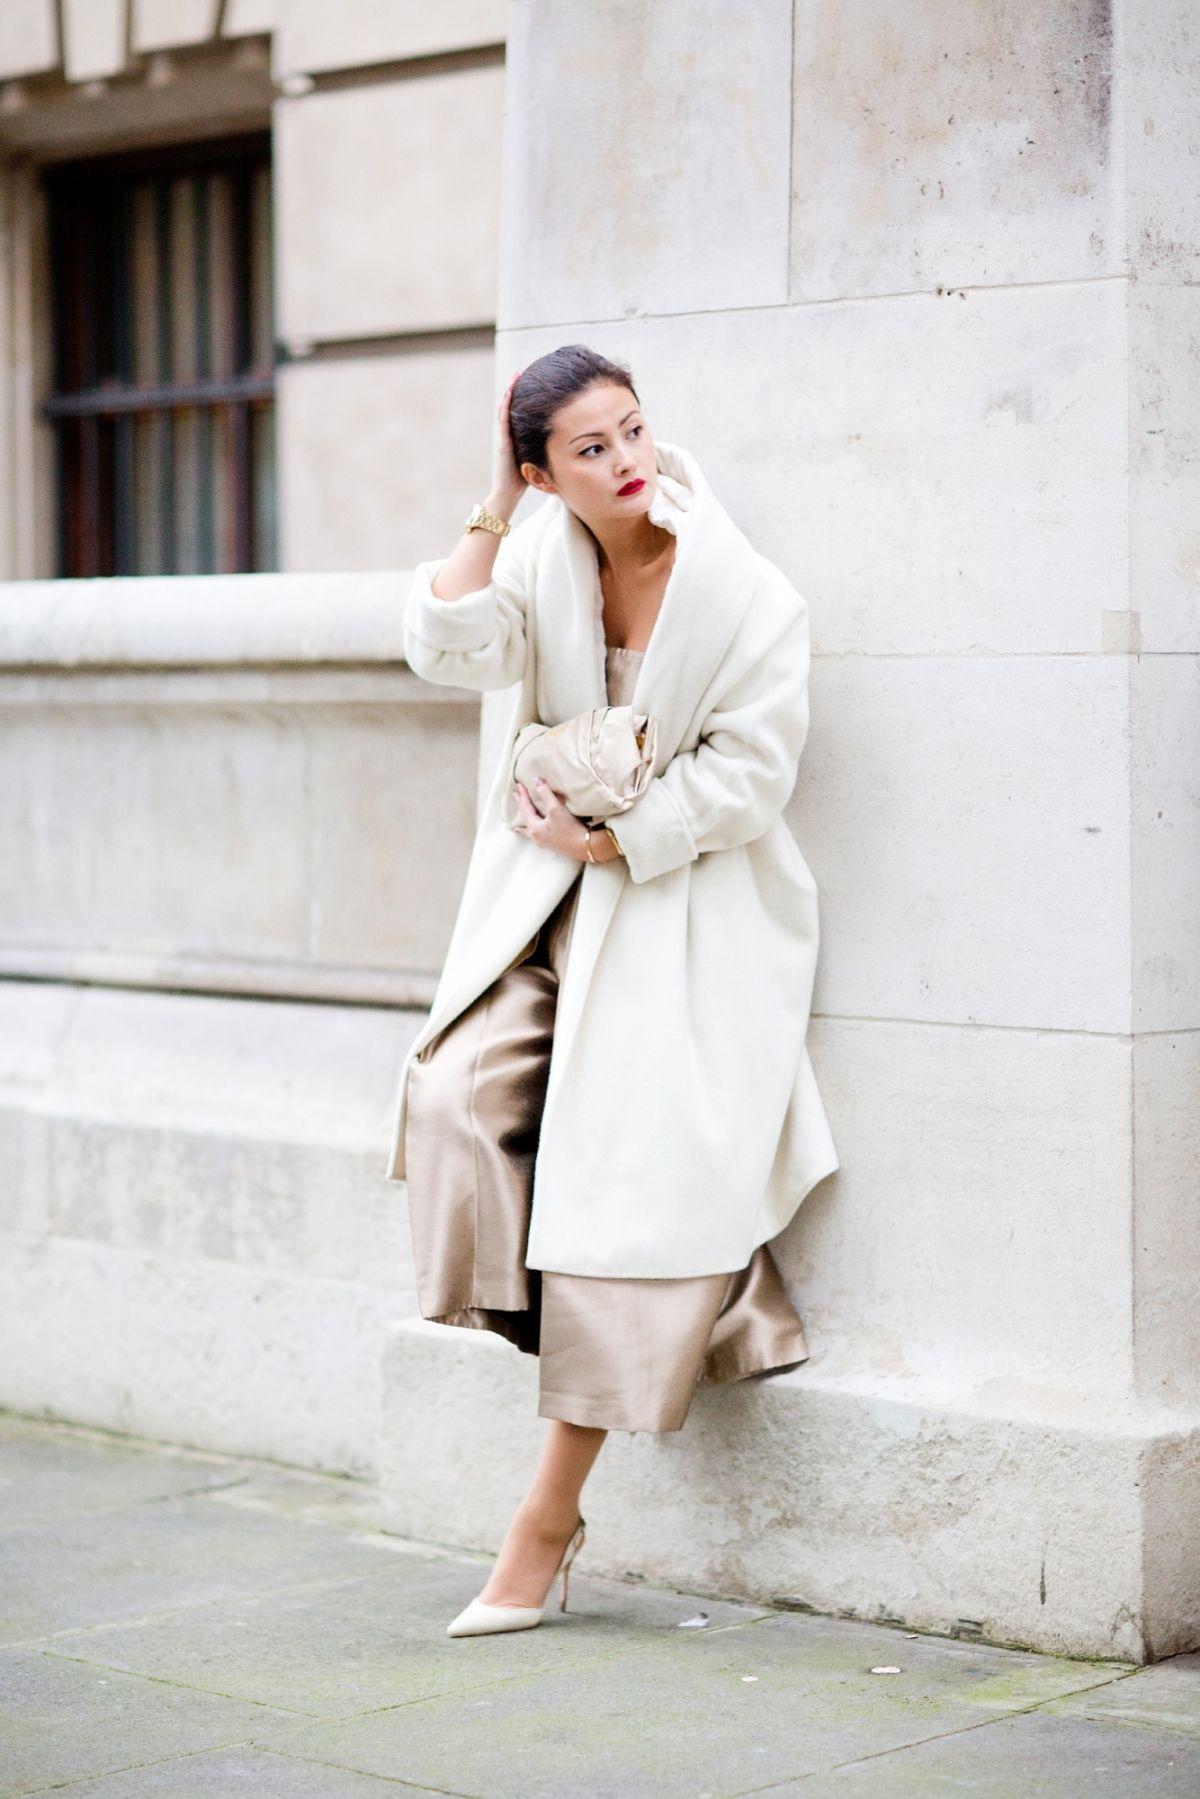 Peony Lim casaco branco